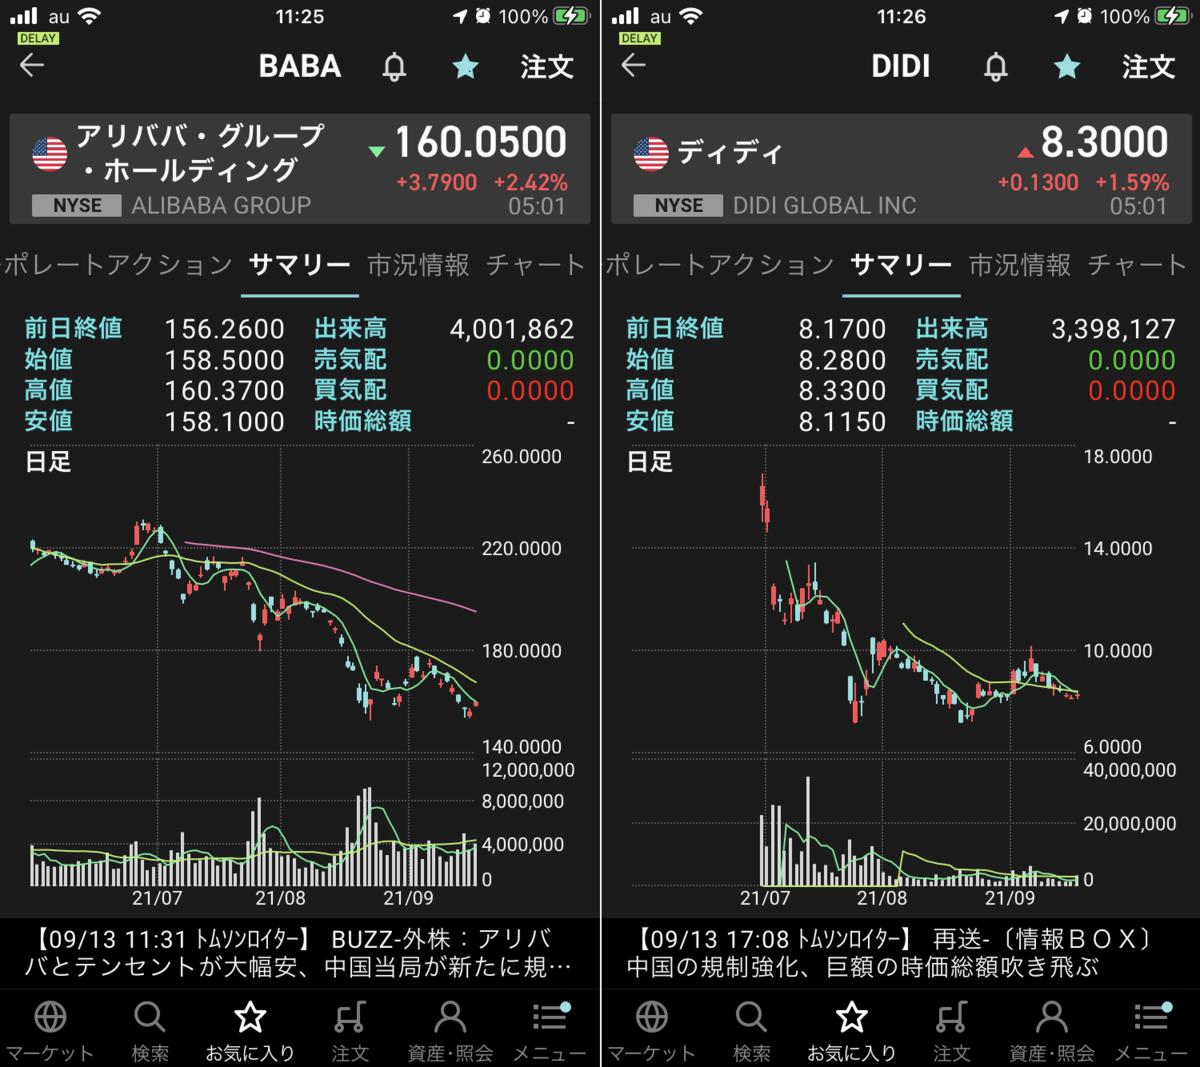 株で稼ぐ Kensinhan の投資ブログ アリババ・ディディ